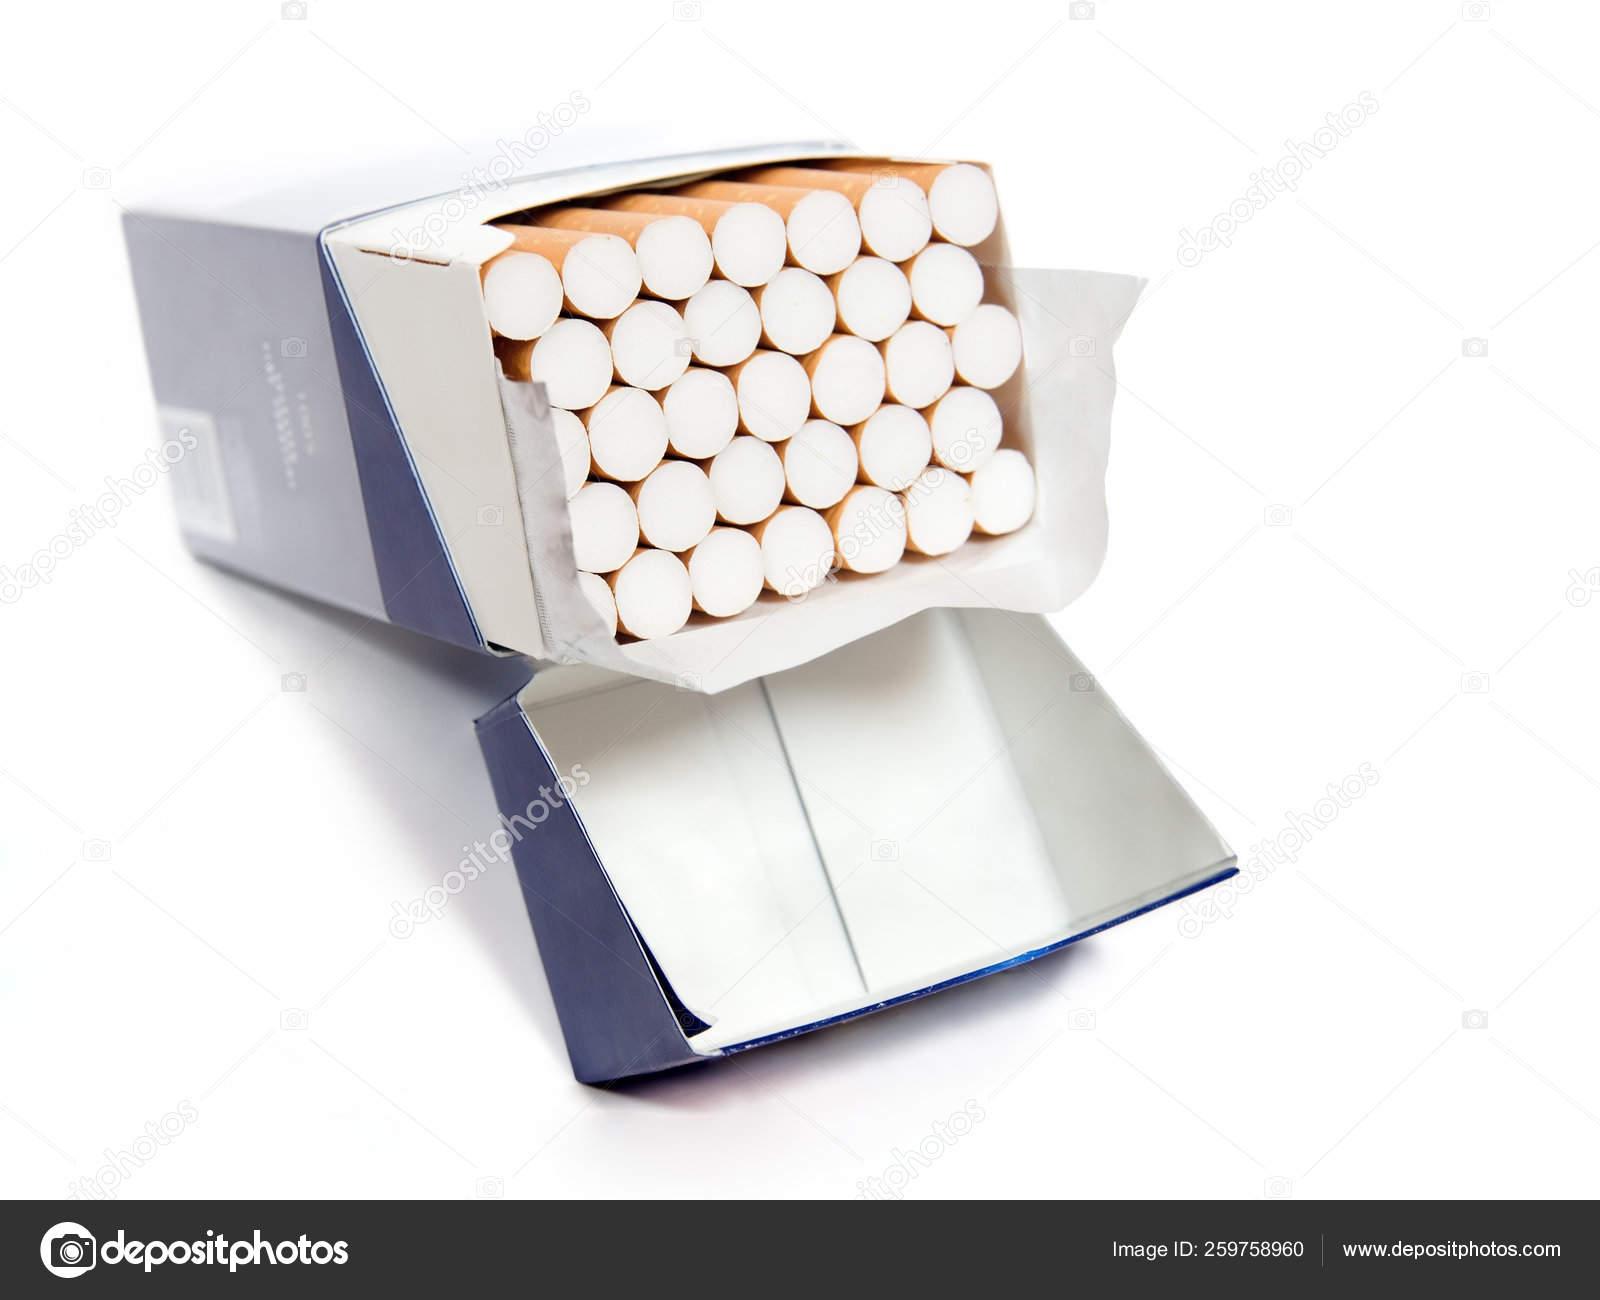 Огромные пачки сигарет купить сигарета электронная где купить